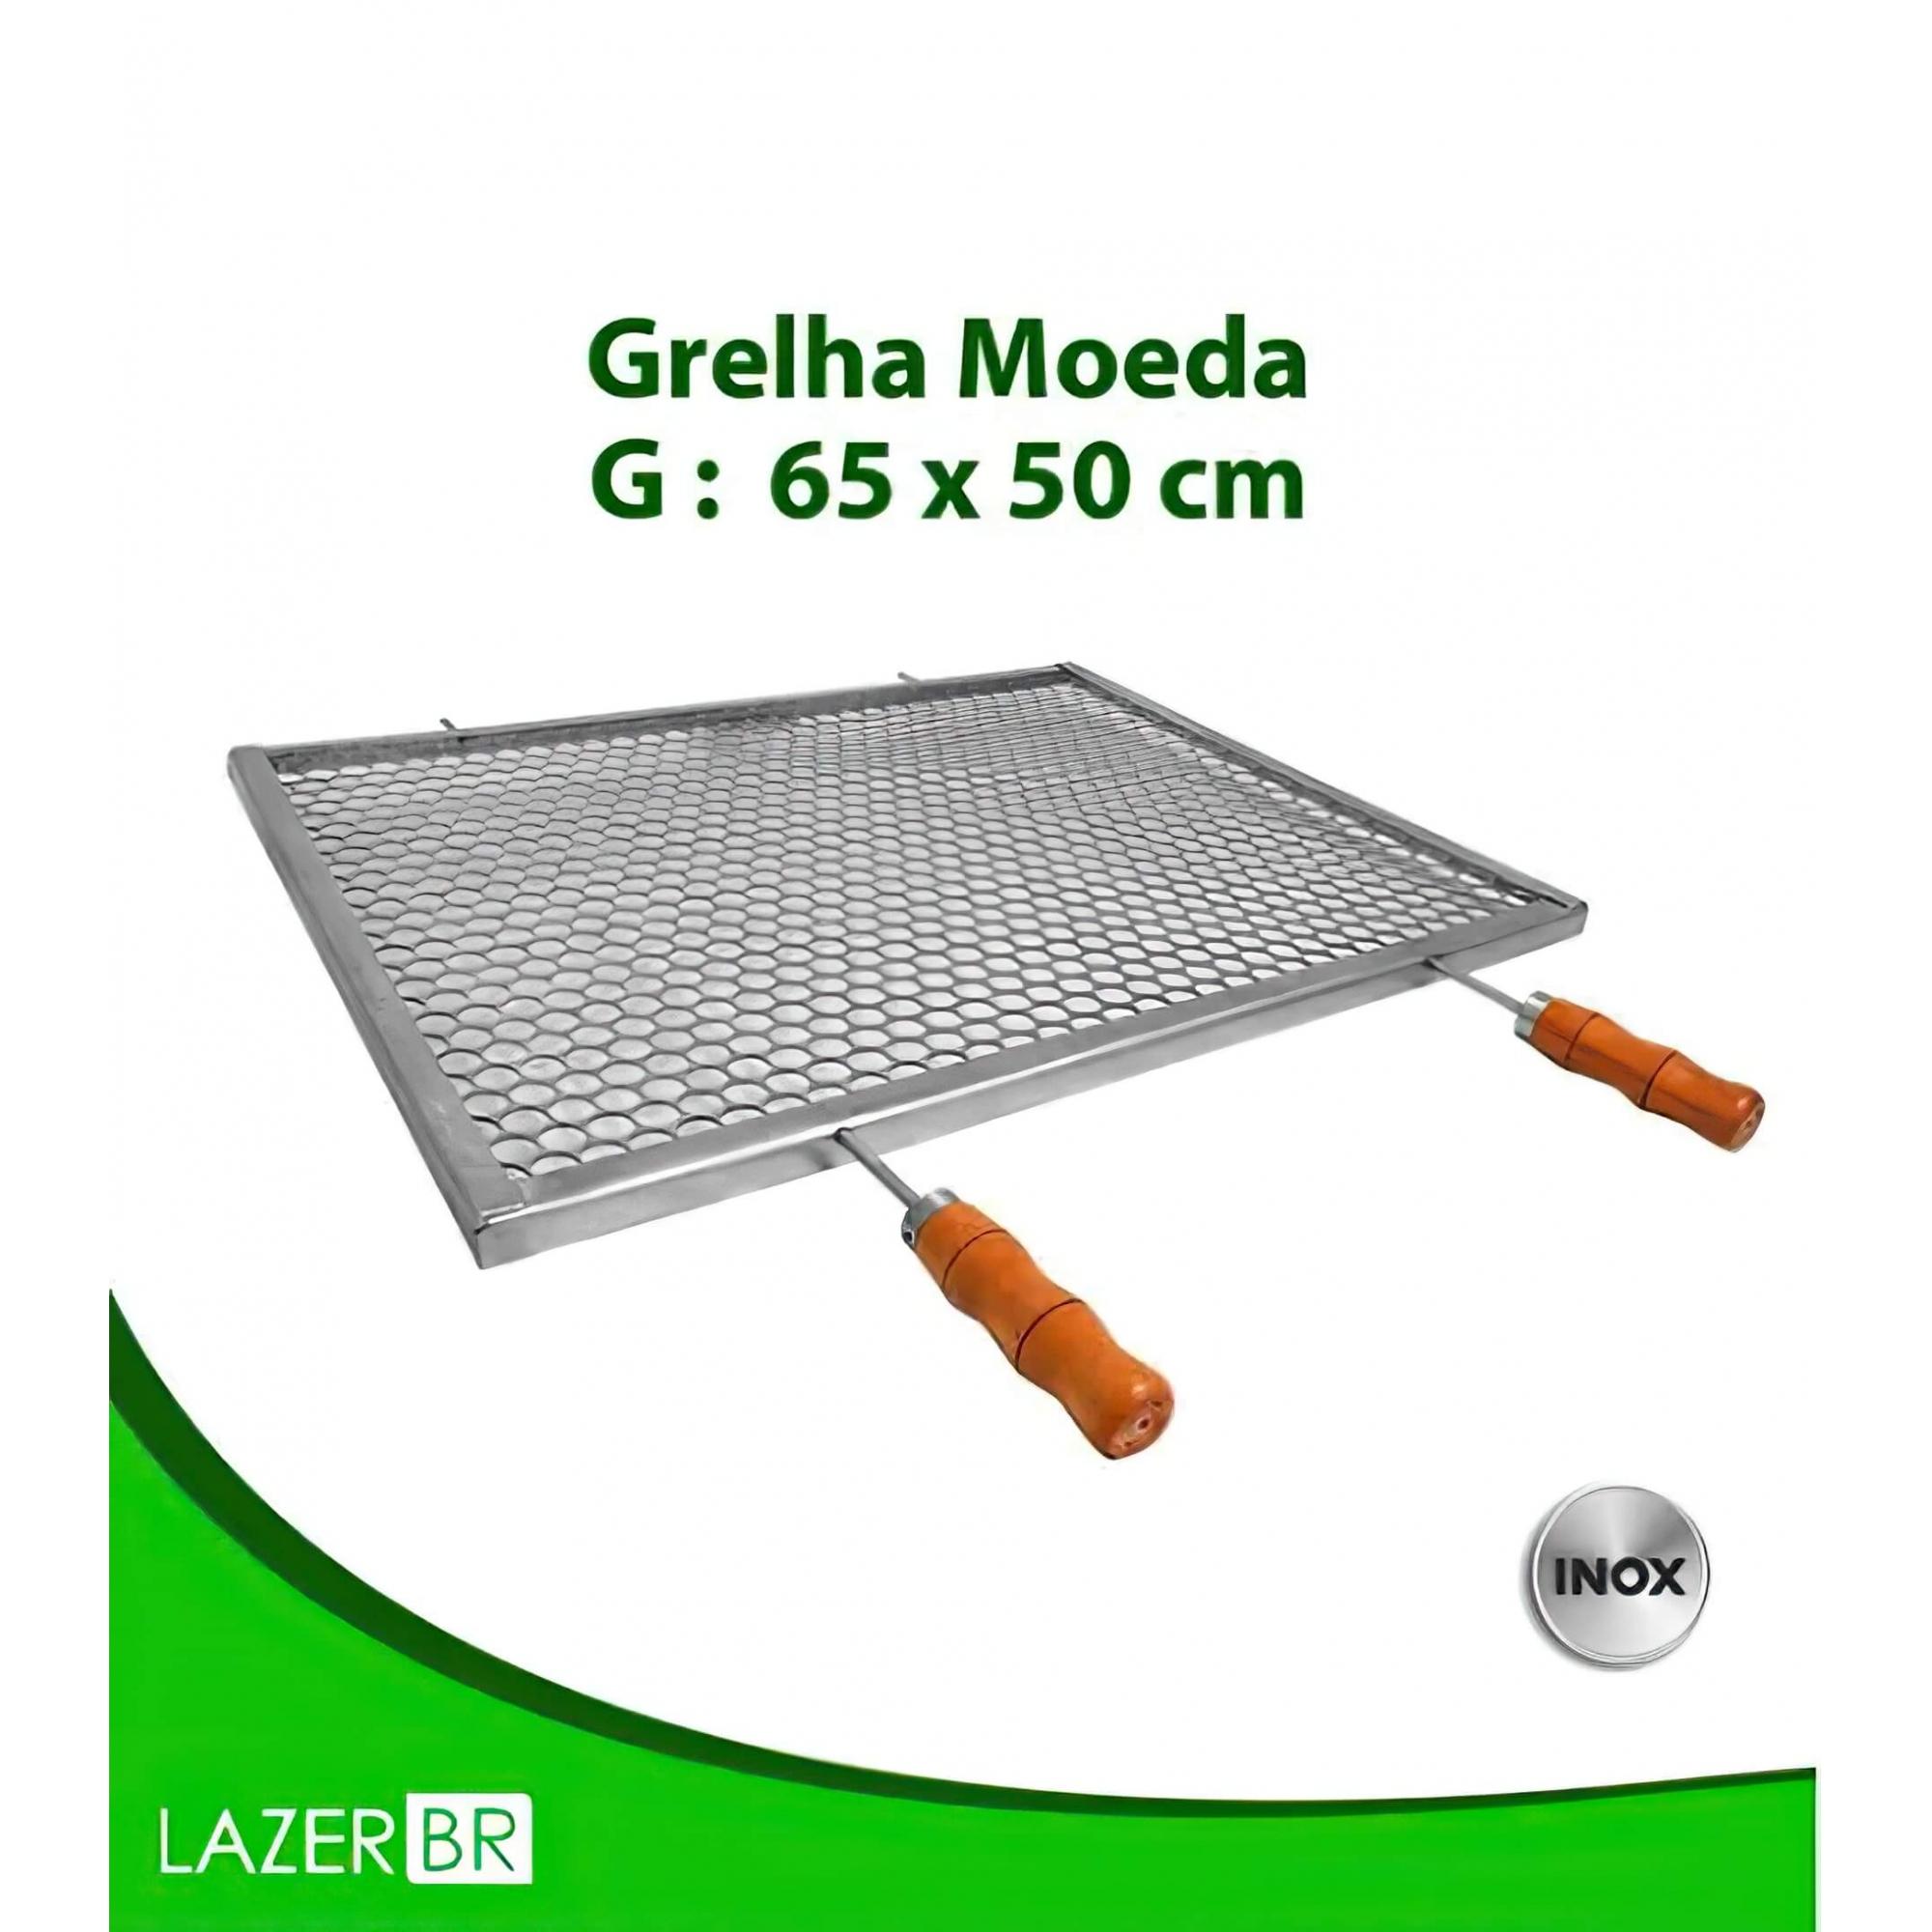 Grelha Moeda para Churrasqueira 6 espetos inox 50x65cm